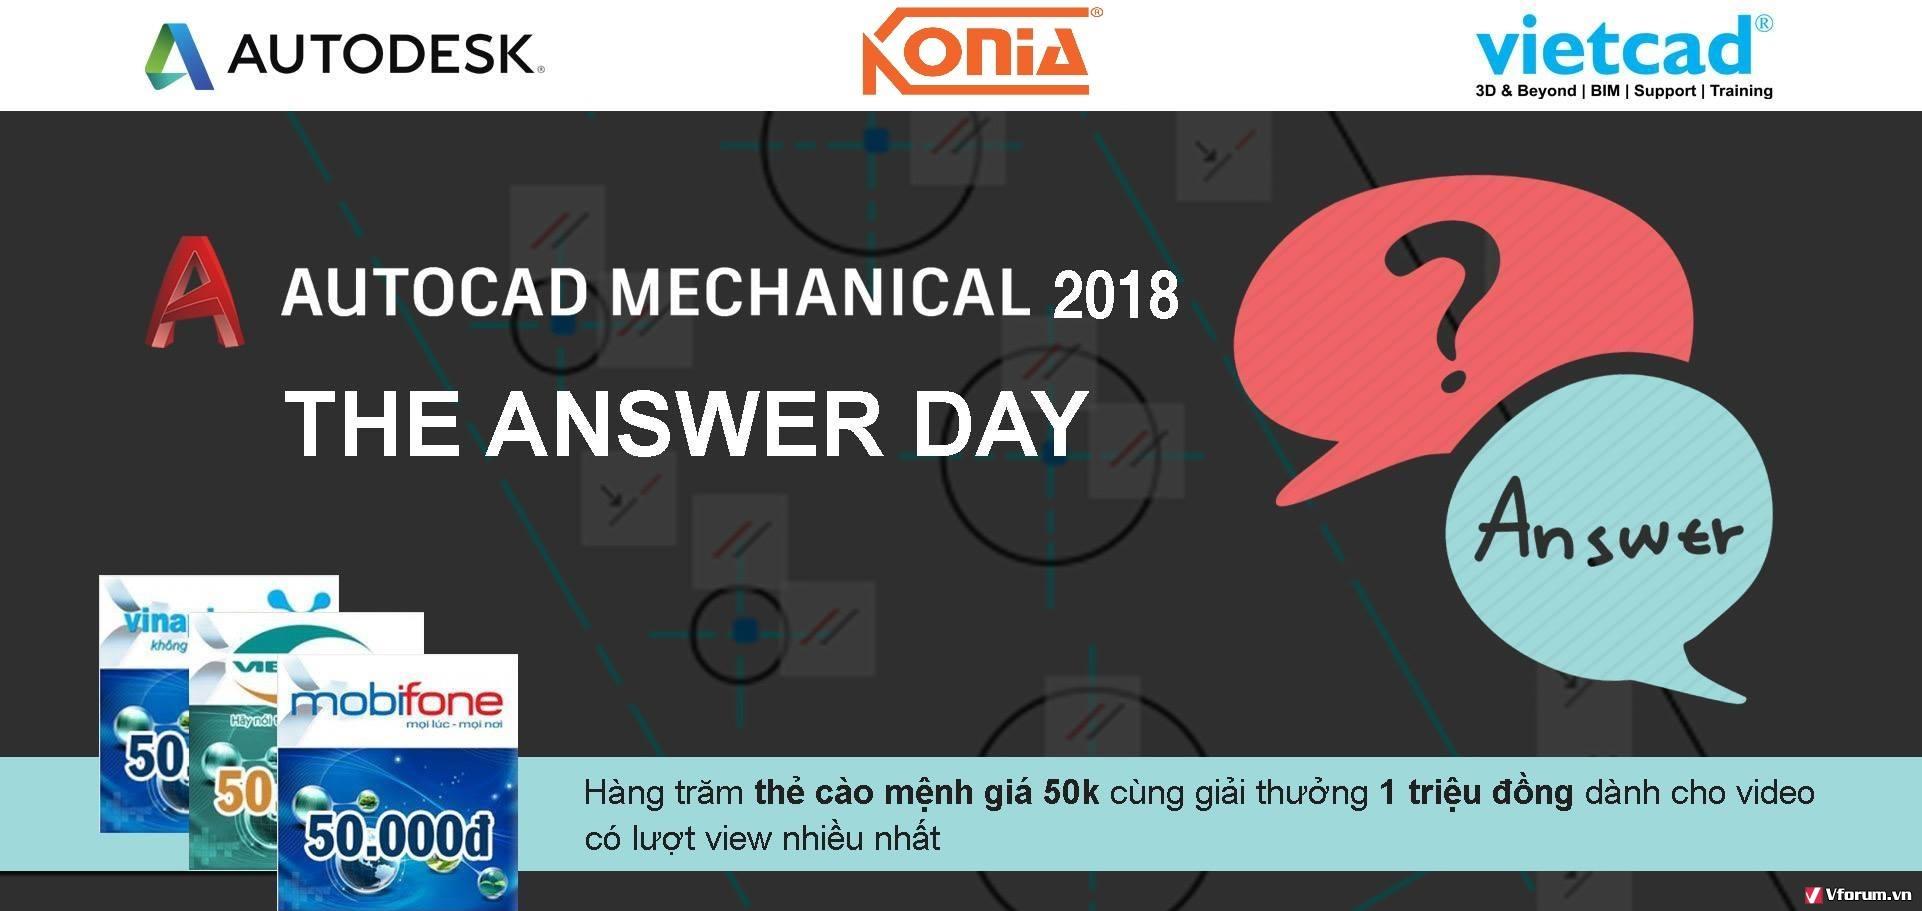 [Livesteam] Giải đáp và Công bố Trúng thưởng của Sự kiện AutoCAD Mechanical 2018 Answer Day Q5MKWV